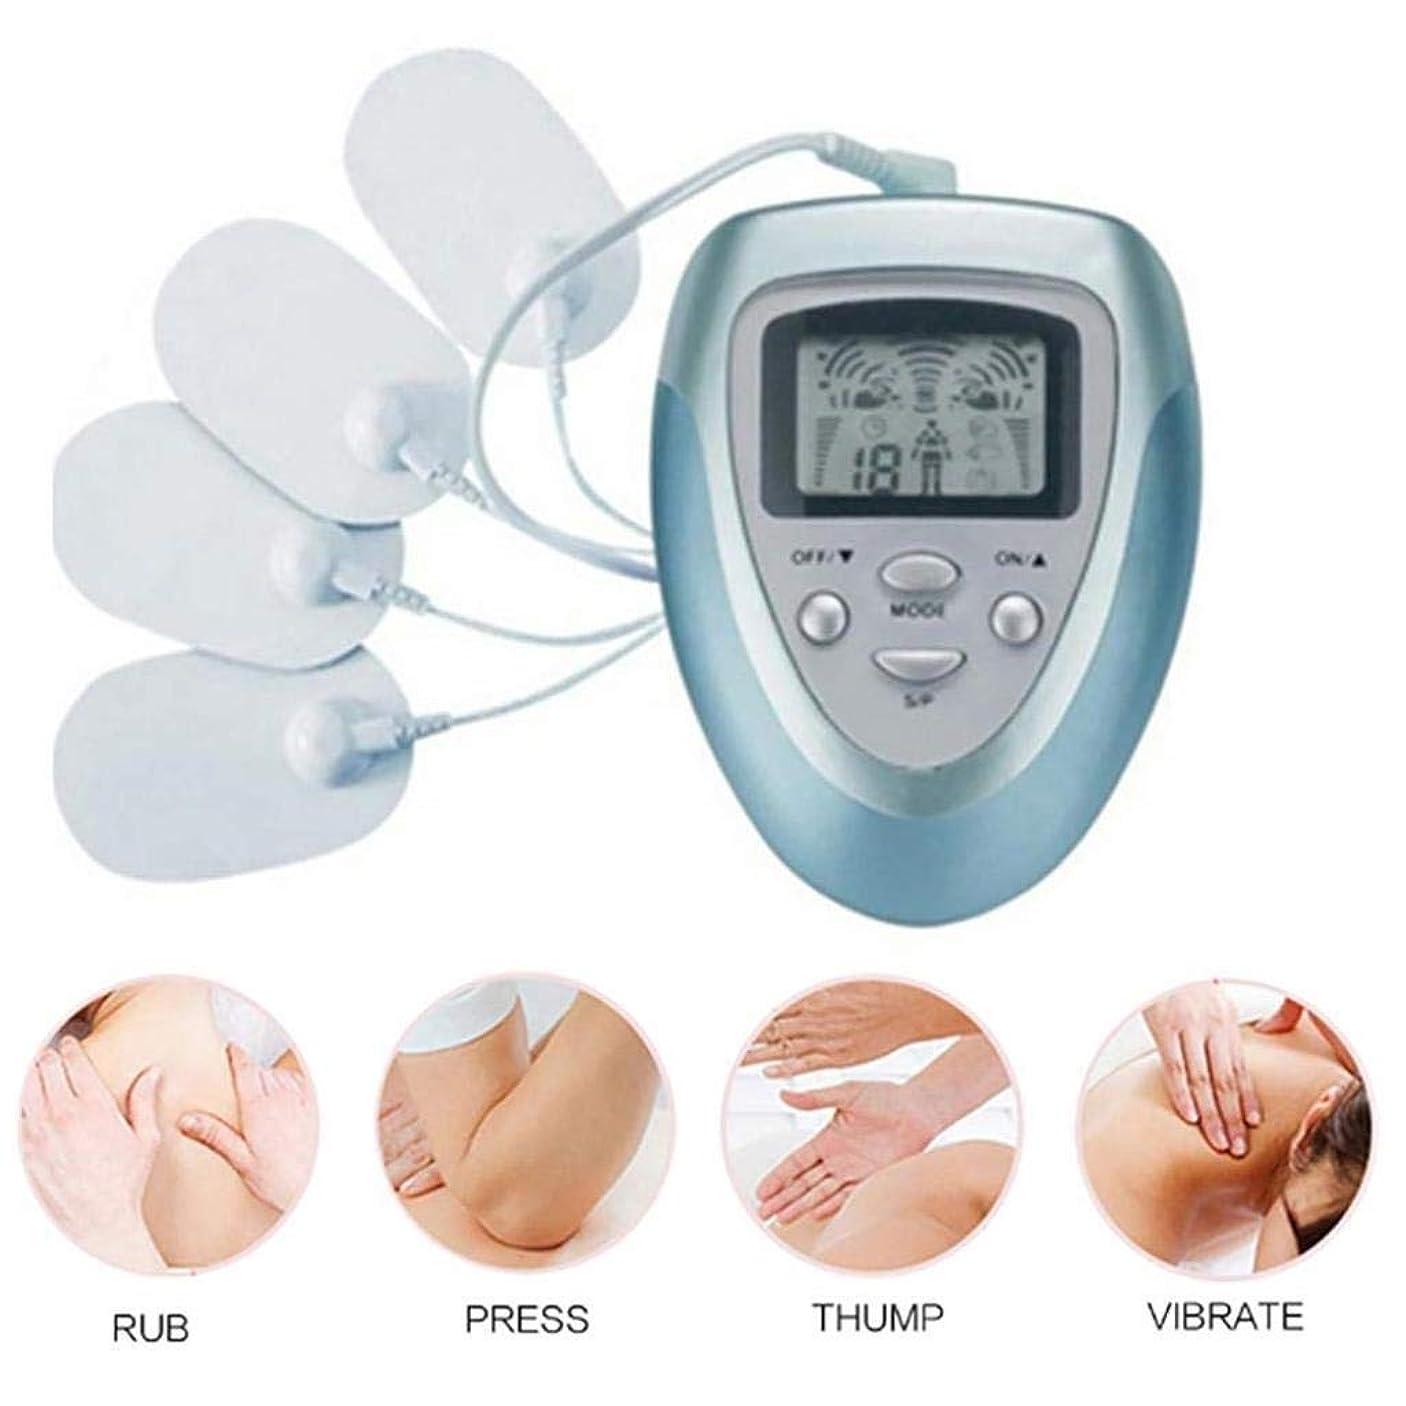 コミュニケーション配管浮く電気マッサージ器、電子パルスマッサージ器、EMS刺激、ボディリラクゼーション筋肉、パルス+鍼灸マッサージ、痛みを軽減します